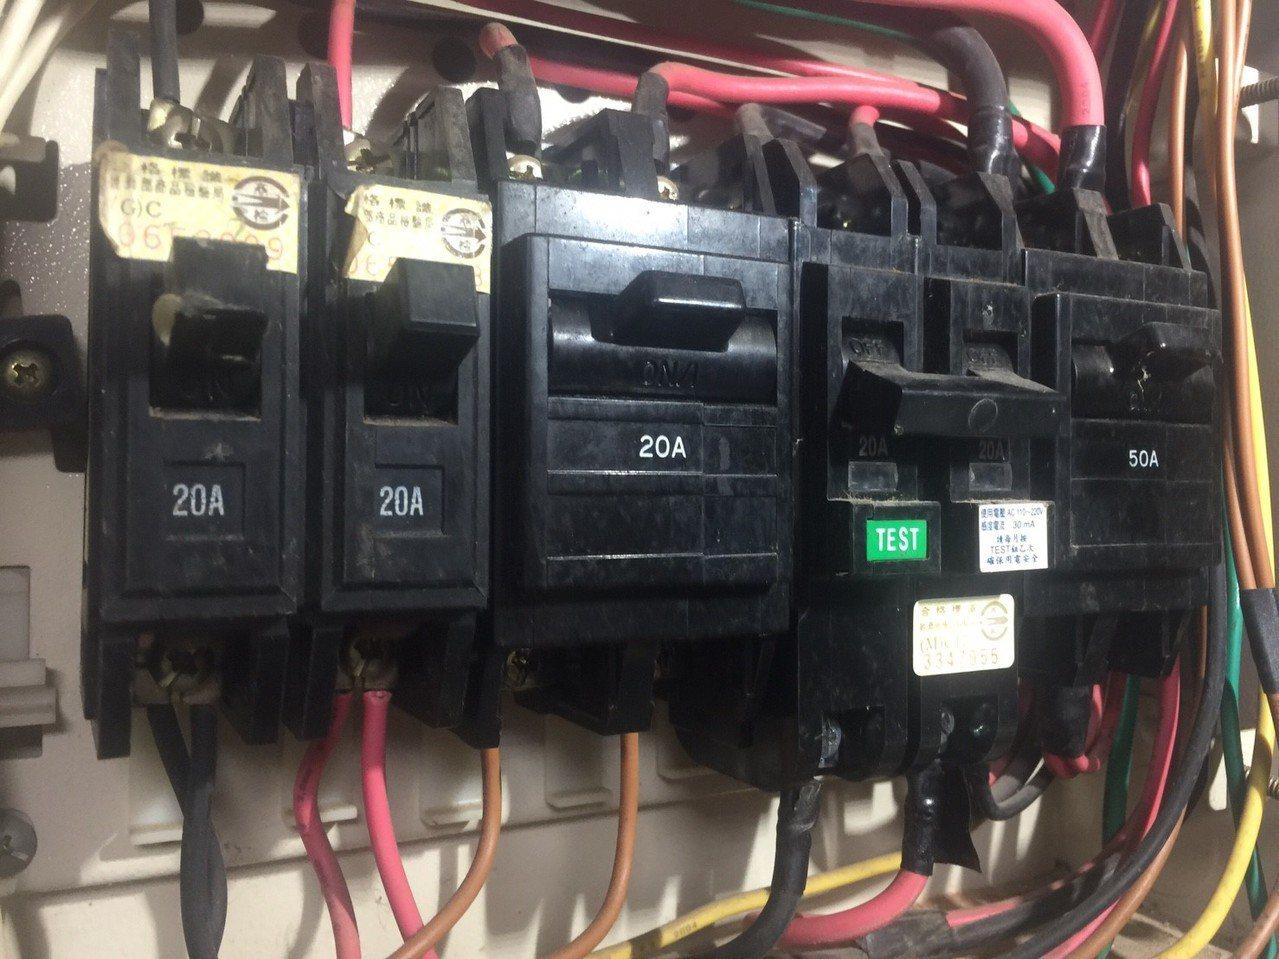 當漏電斷路器斷電後,民眾若要重新用電,得將把手往下扳(如圖),確認關掉後,再重新...